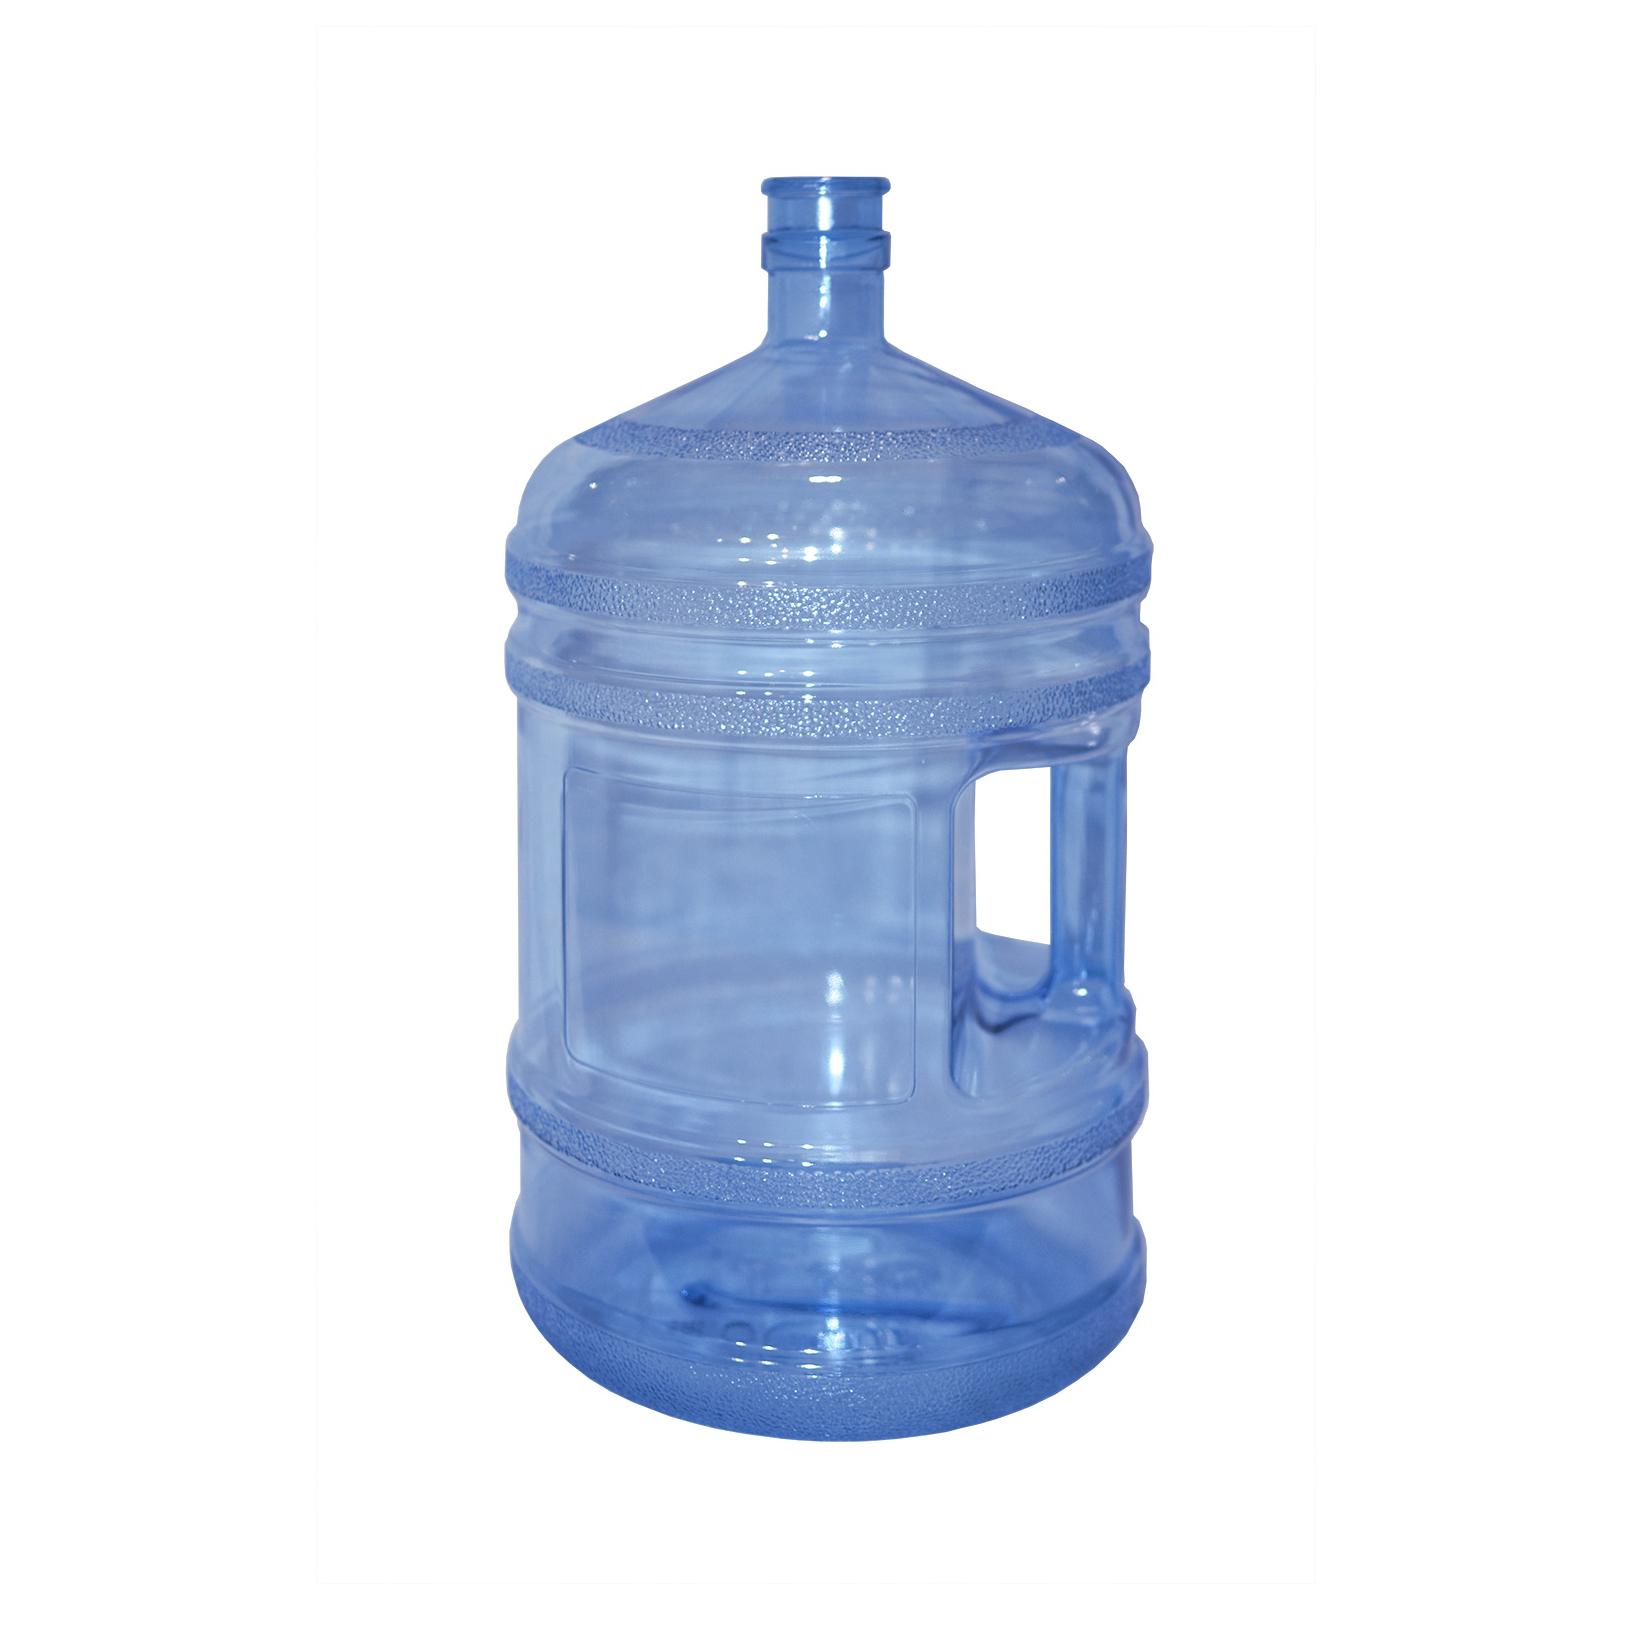 Бутыль из поликарбоната с ручкой 19 л, экструзионный метод выдува